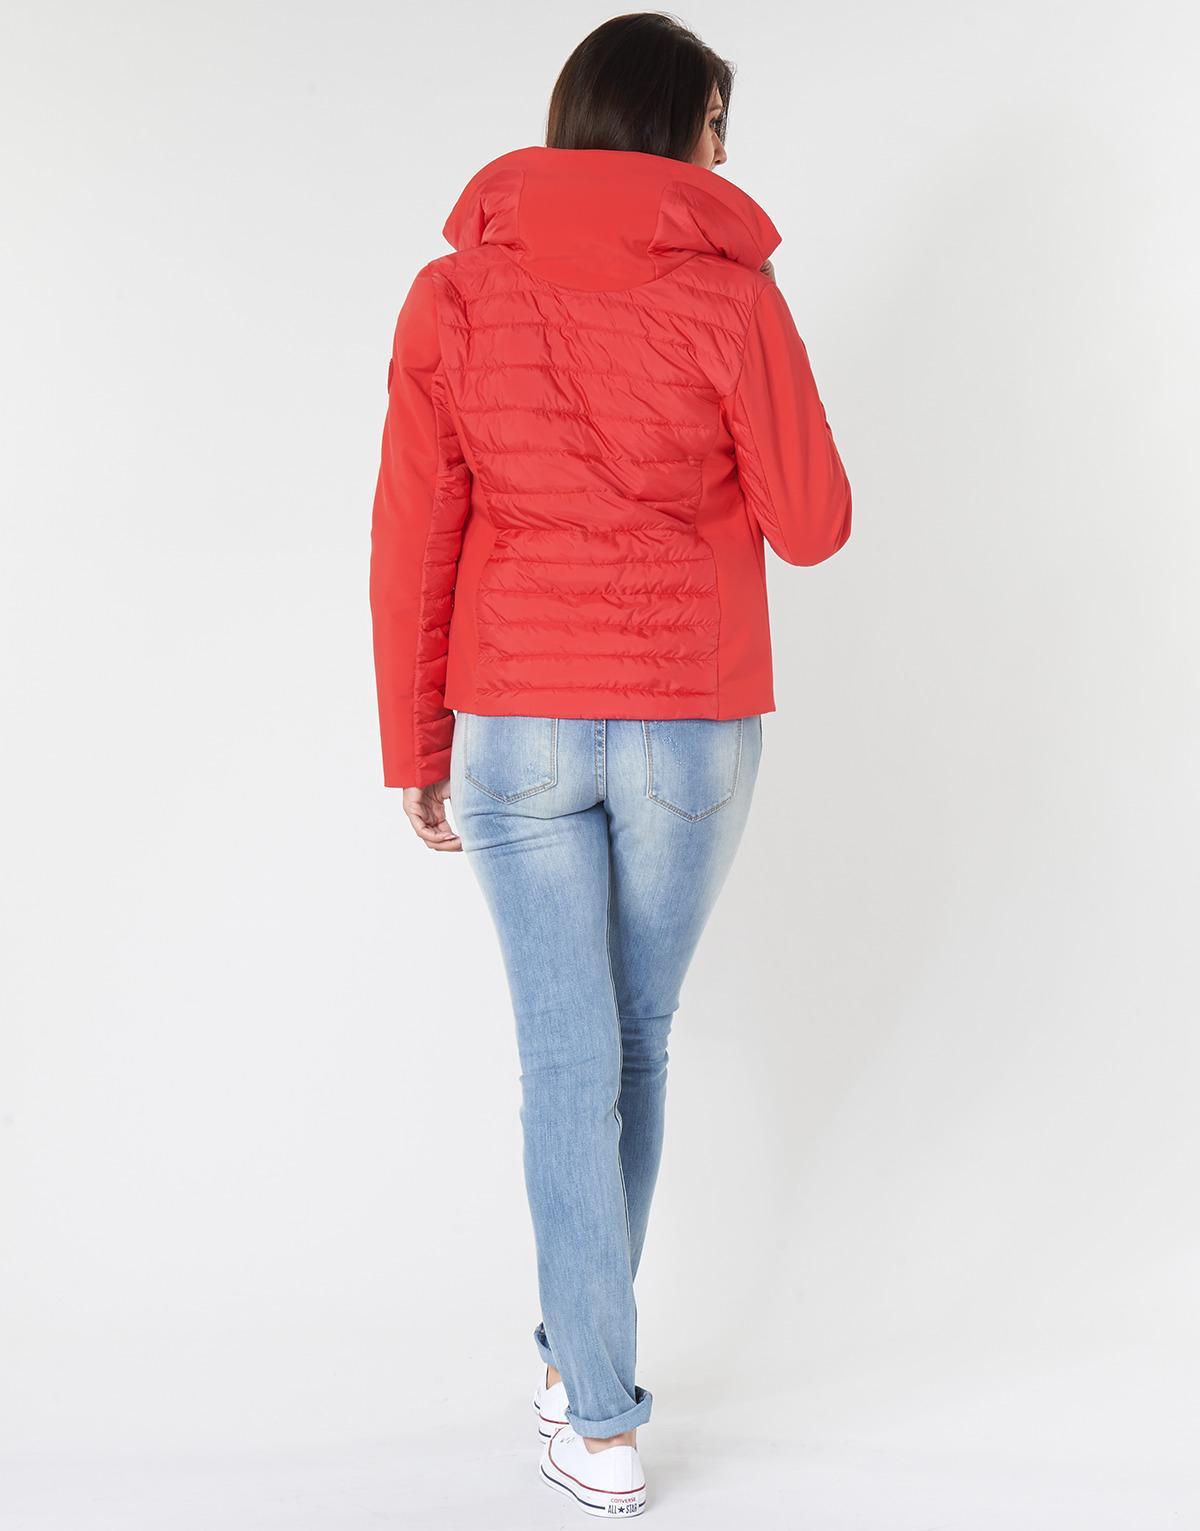 05-908-51-5397-3125 femmes Doudounes en rouge S.oliver en coloris Rouge